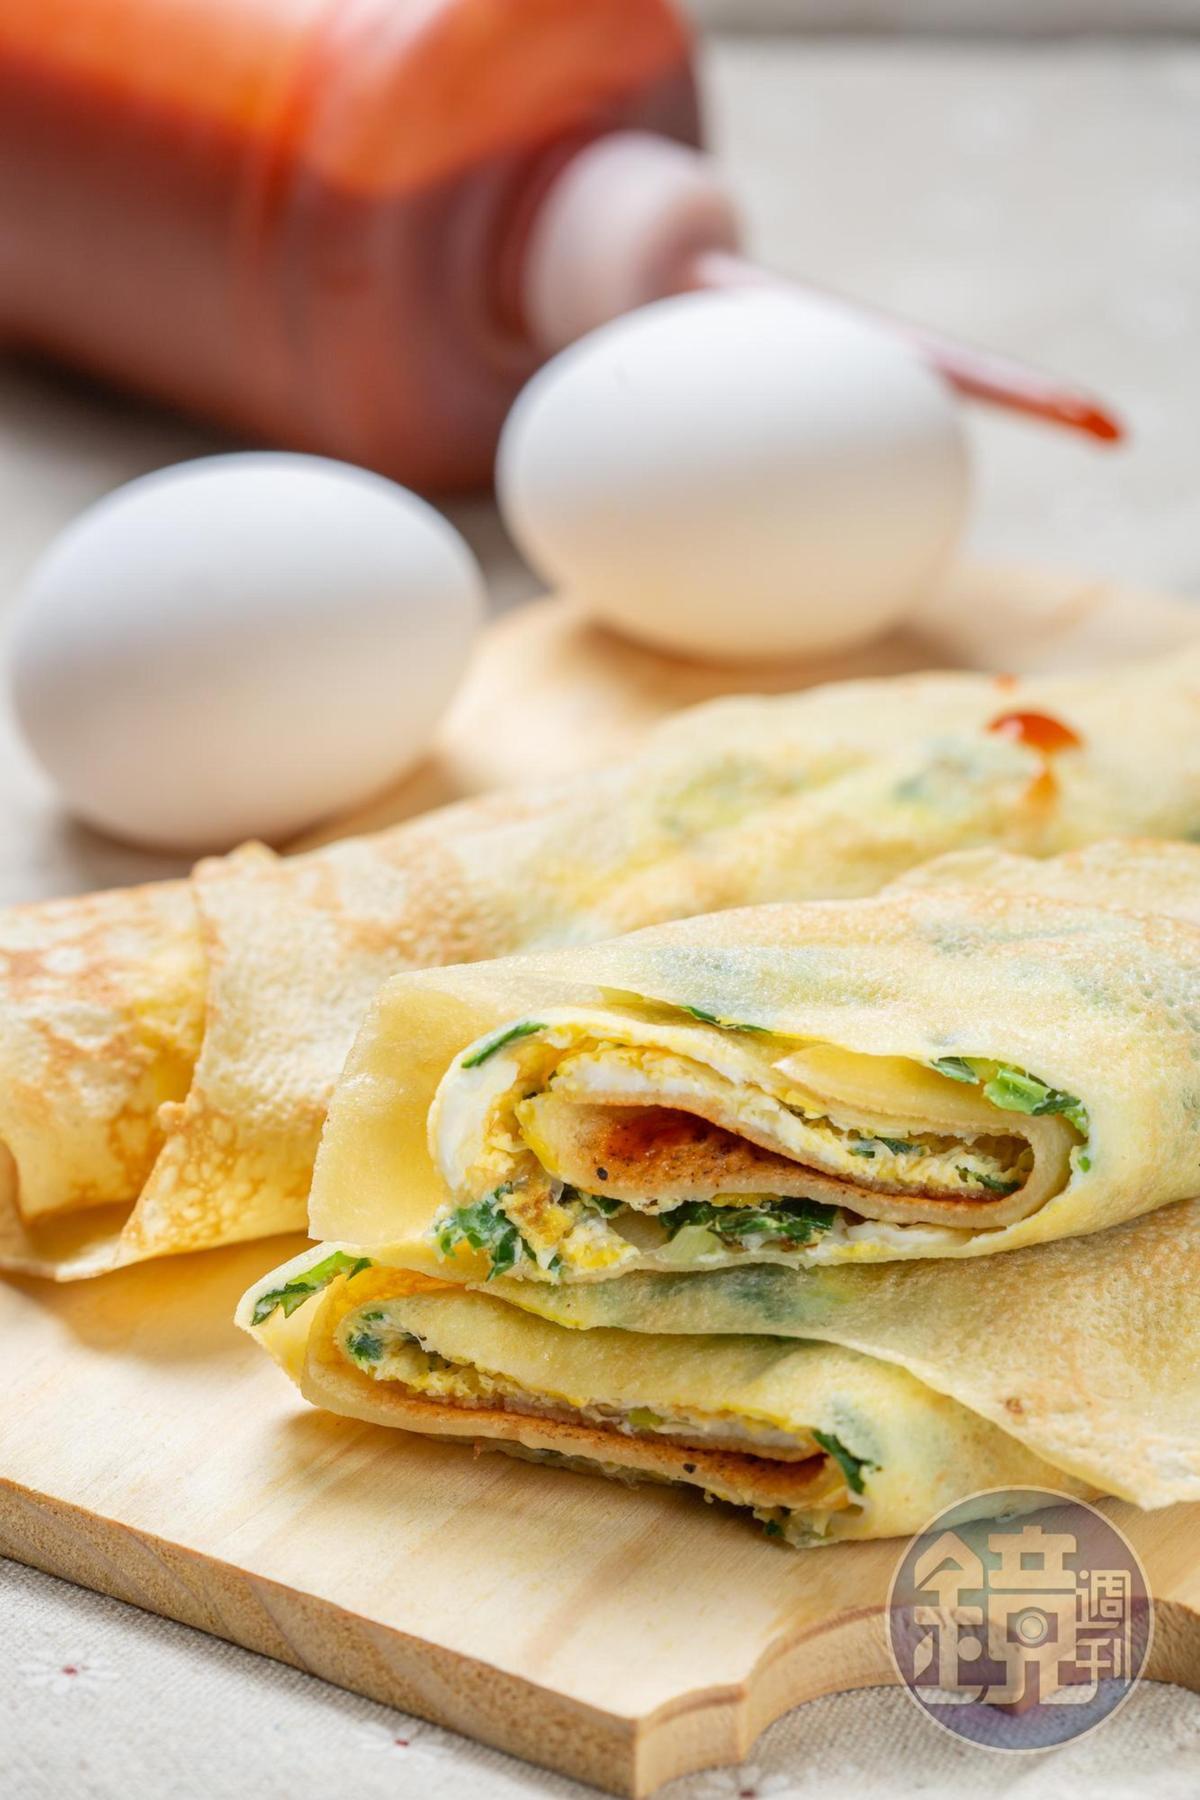 「蛋餅」相較一般口感,偏軟、帶一點Q度,適量的特製甜辣醬能提出雞蛋和粉蔥的香氣。(45元/份)